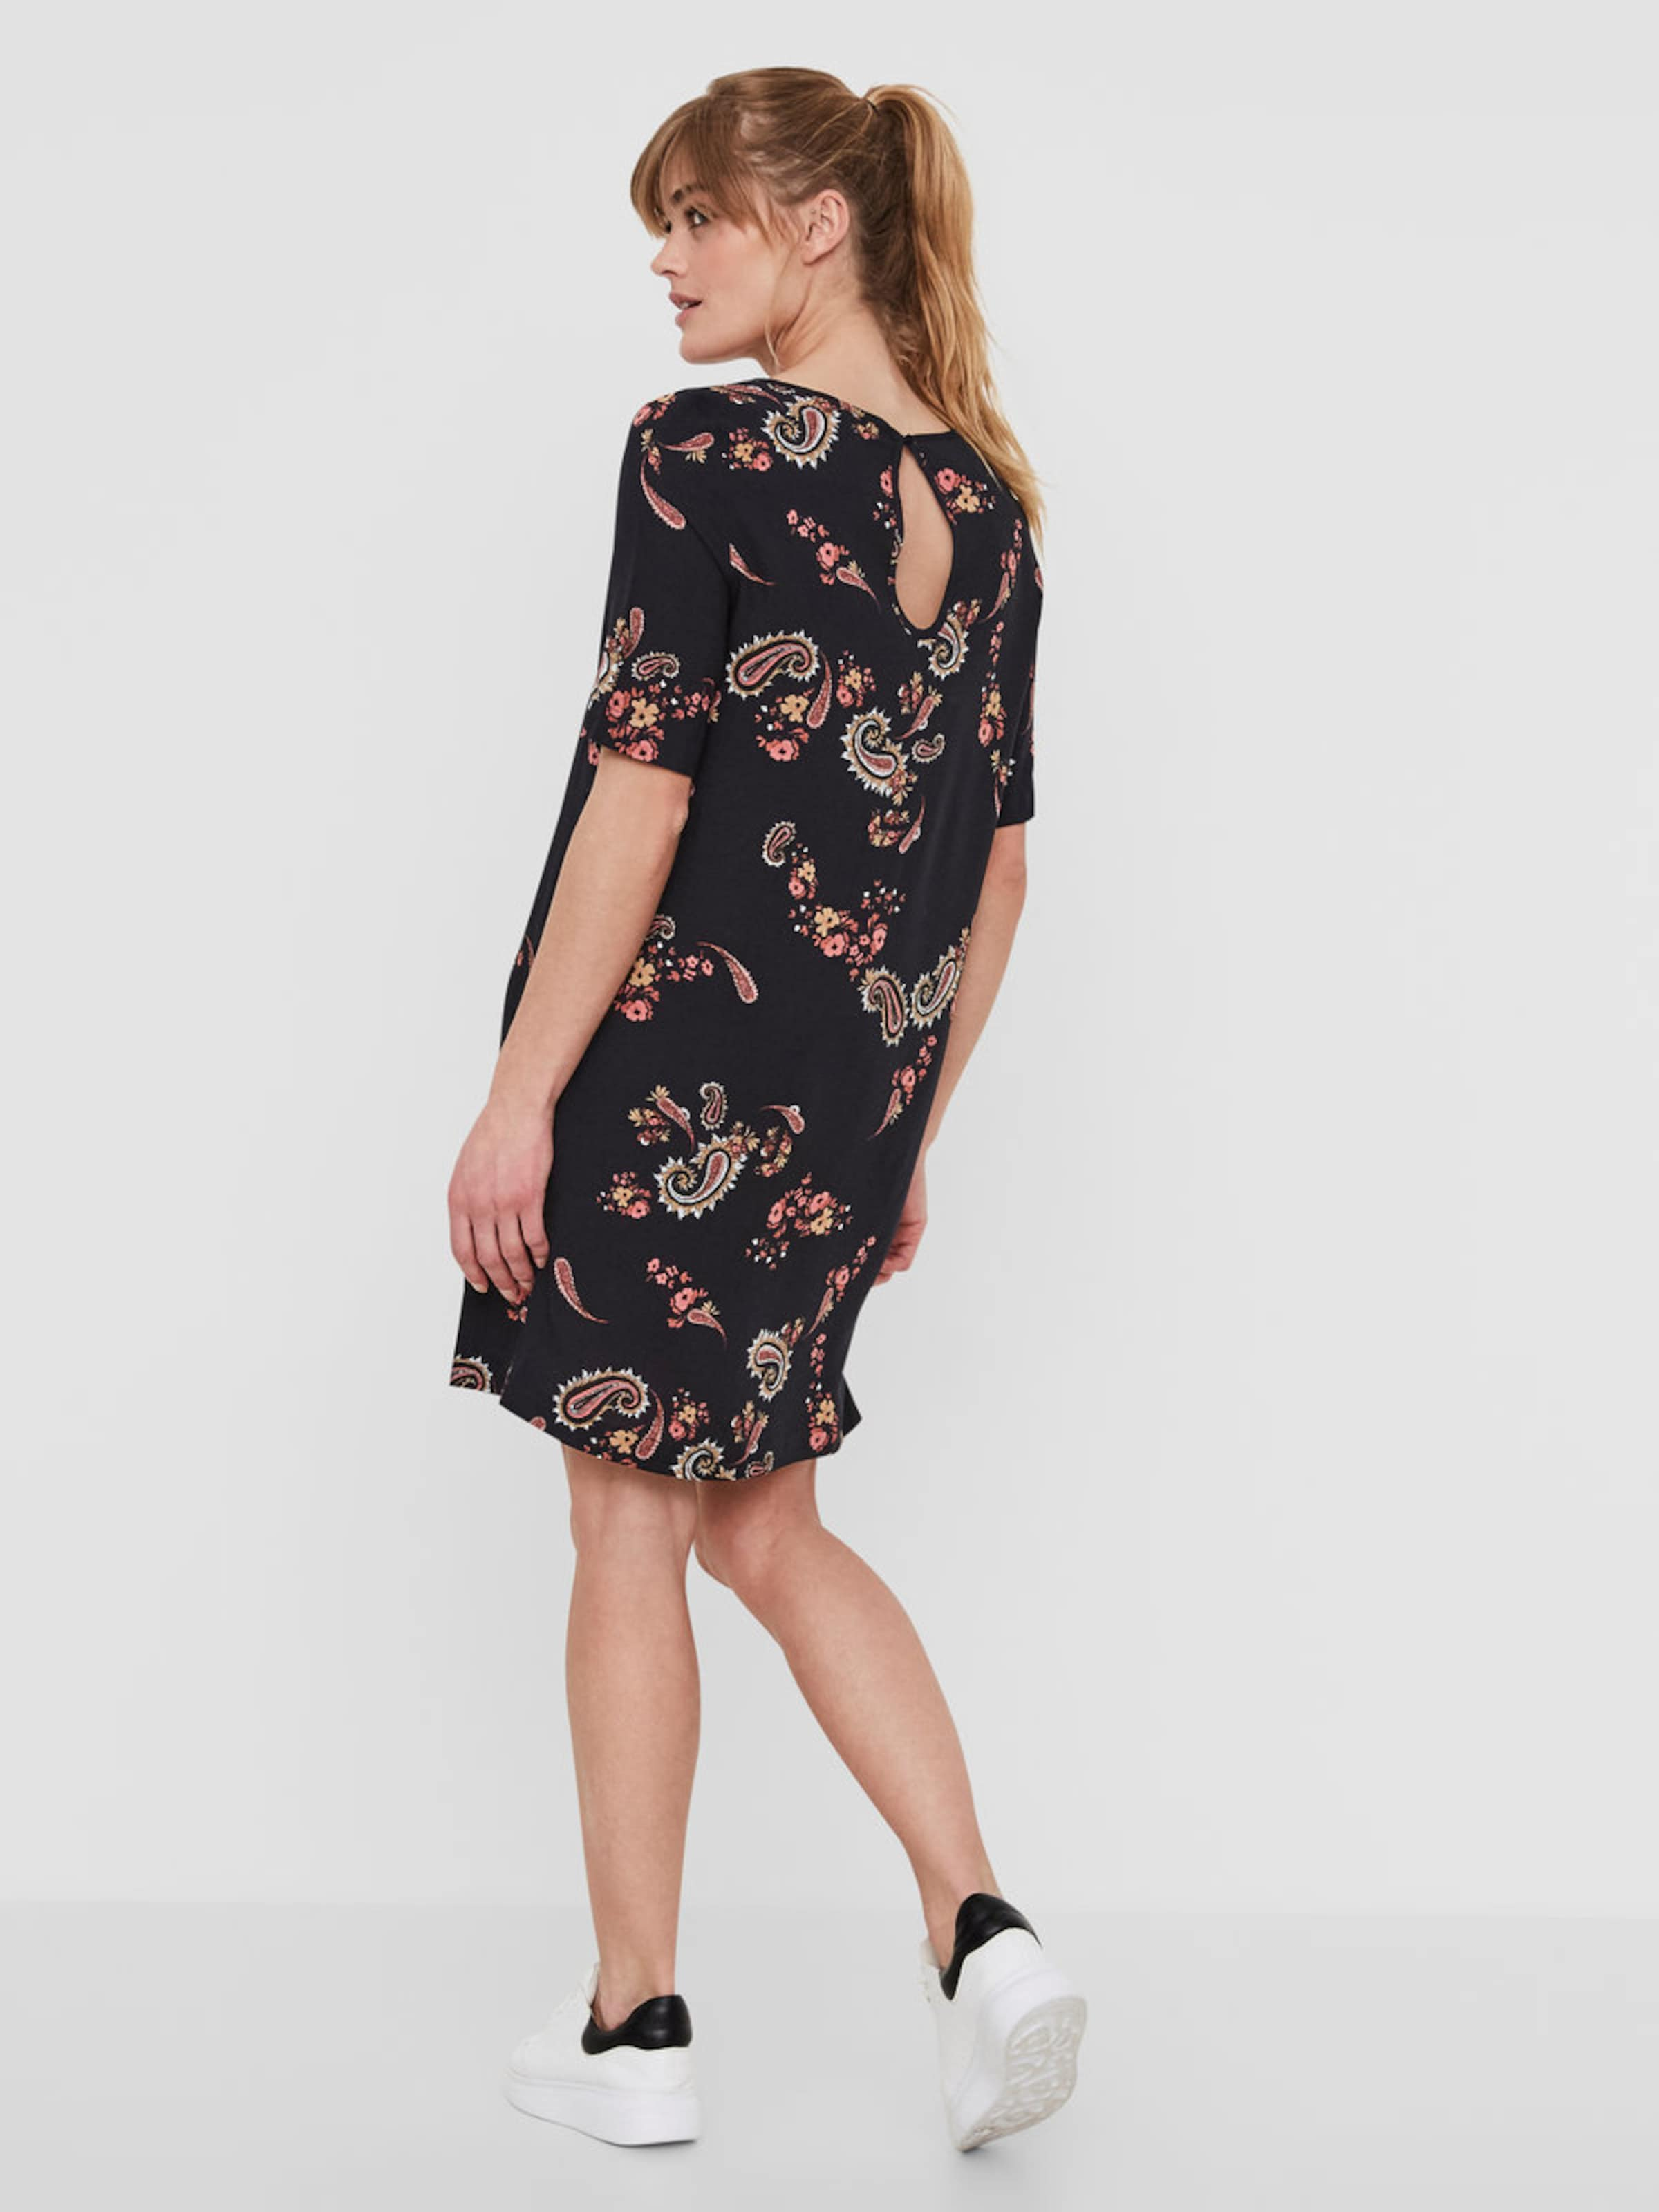 VERO MODA Lässiges Kleid mit kurzen Ärmeln Auslass Veröffentlichungstermine 2018 Neueste Online fTXuV